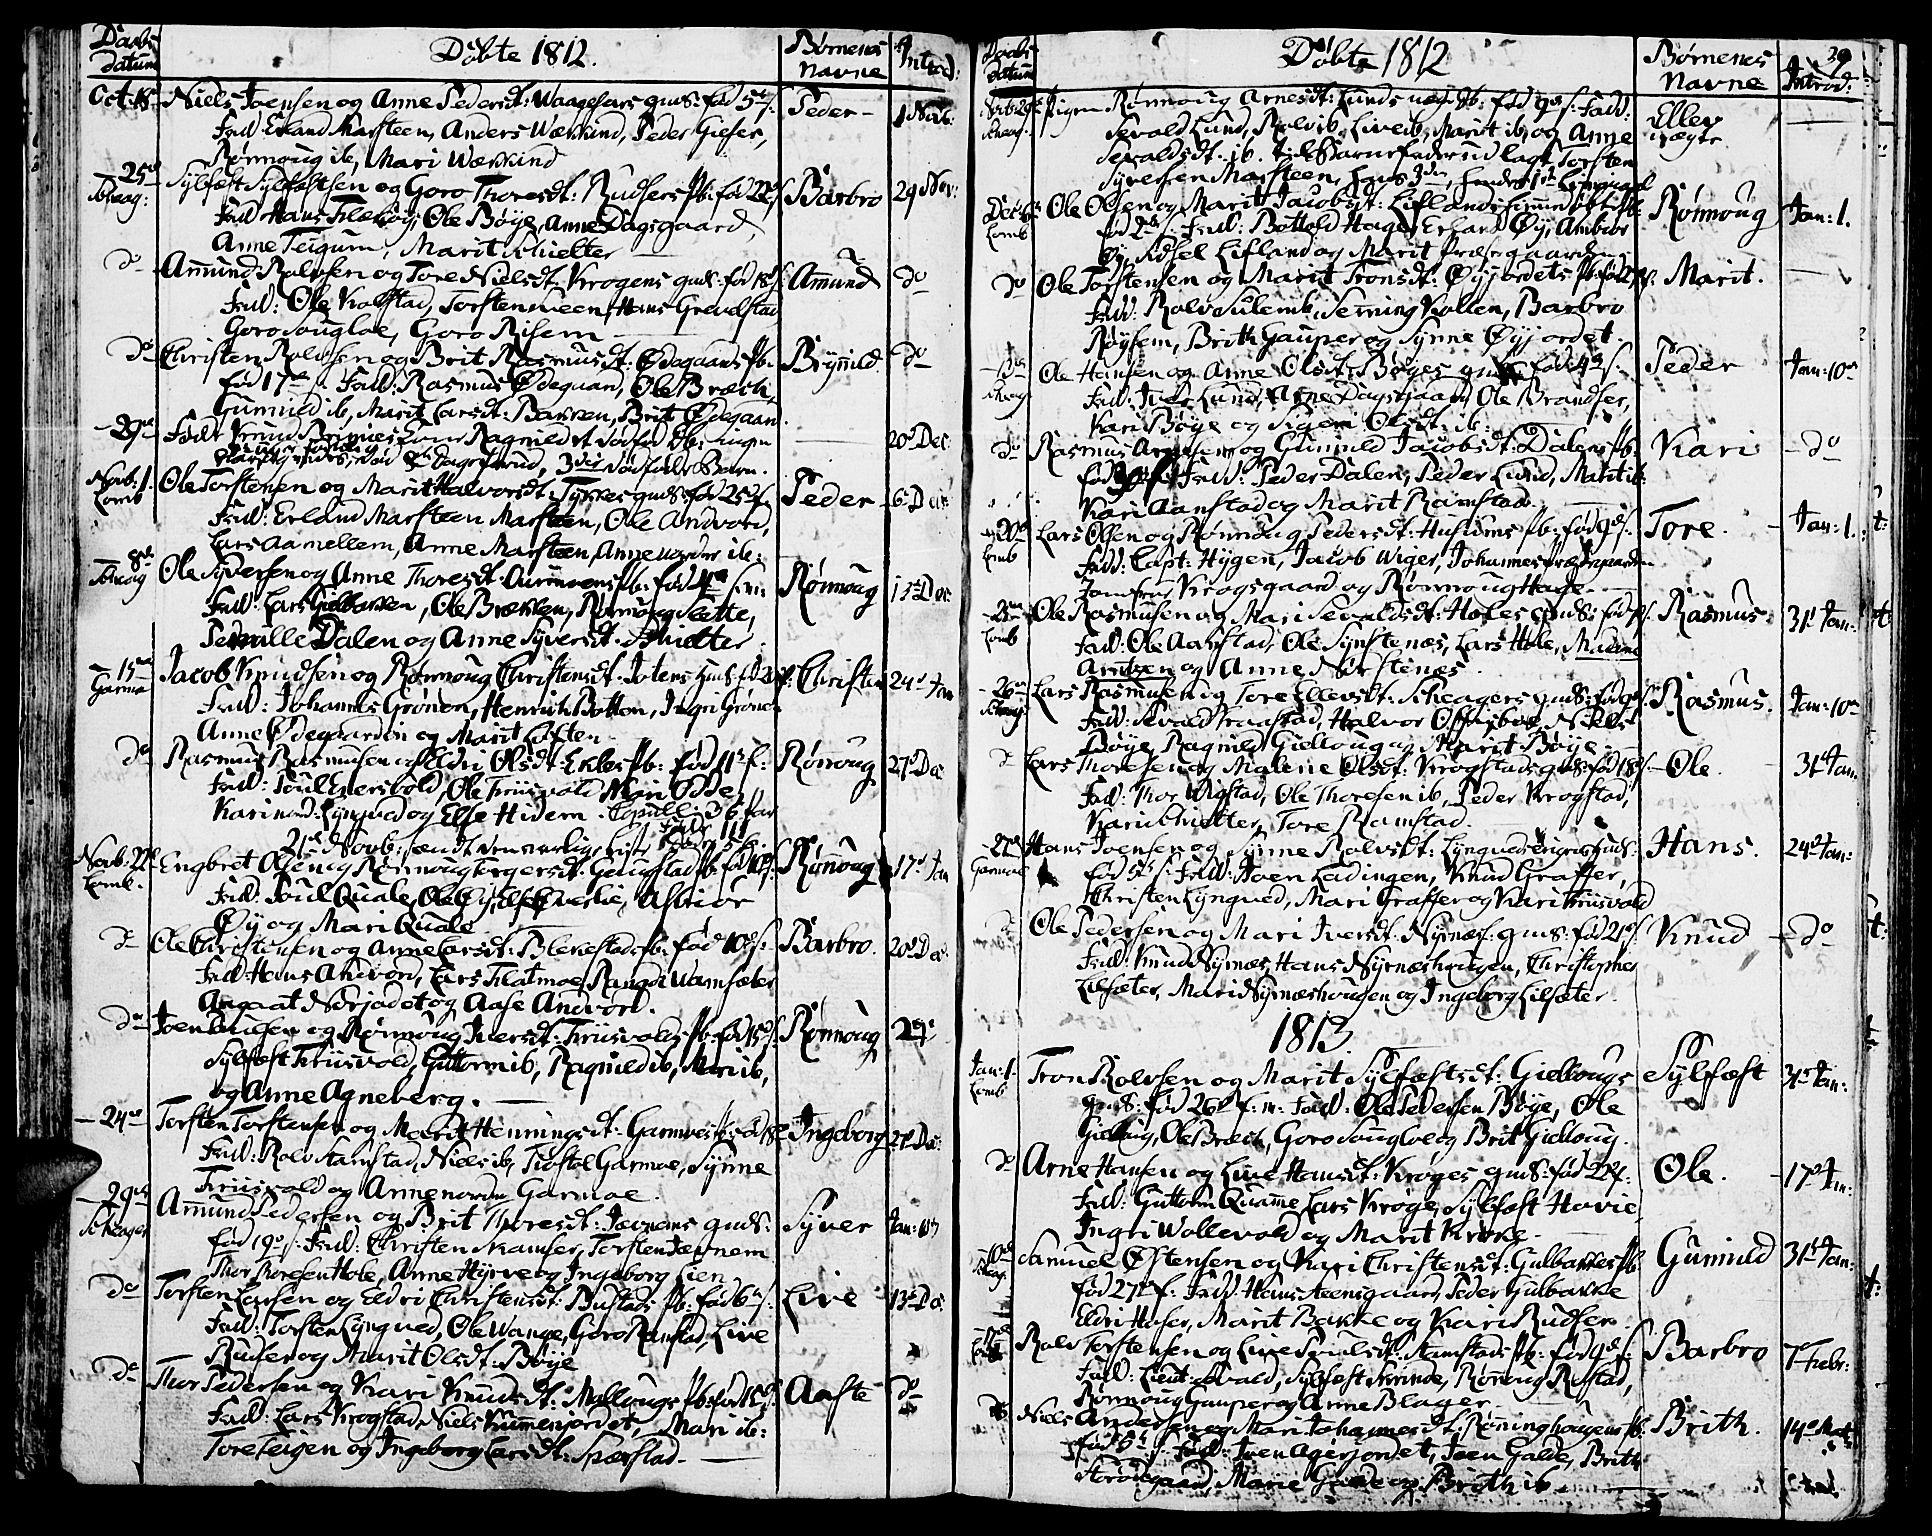 SAH, Lom prestekontor, K/L0003: Ministerialbok nr. 3, 1801-1825, s. 39